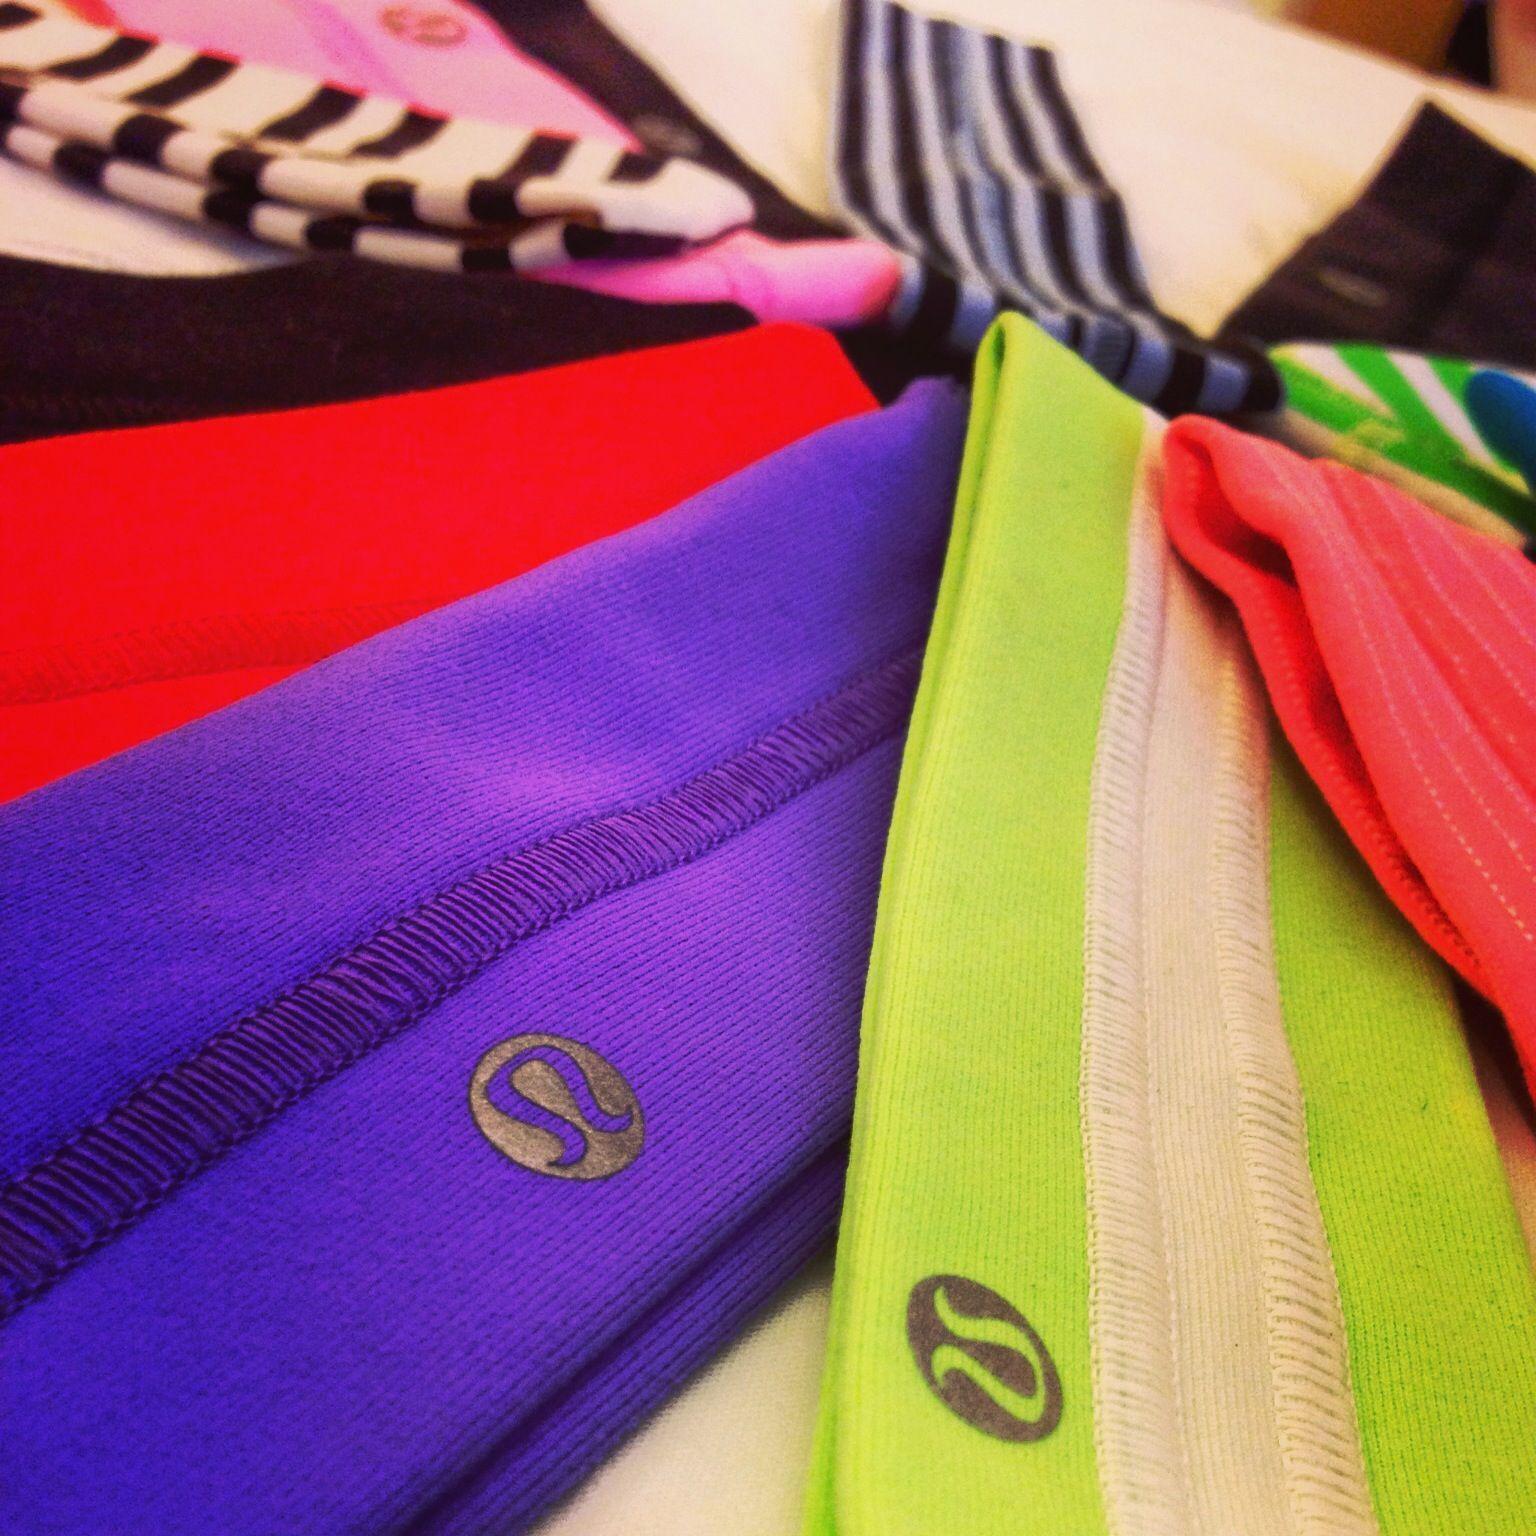 fashion | Fashion, Lululemon headbands, Athletic outfits